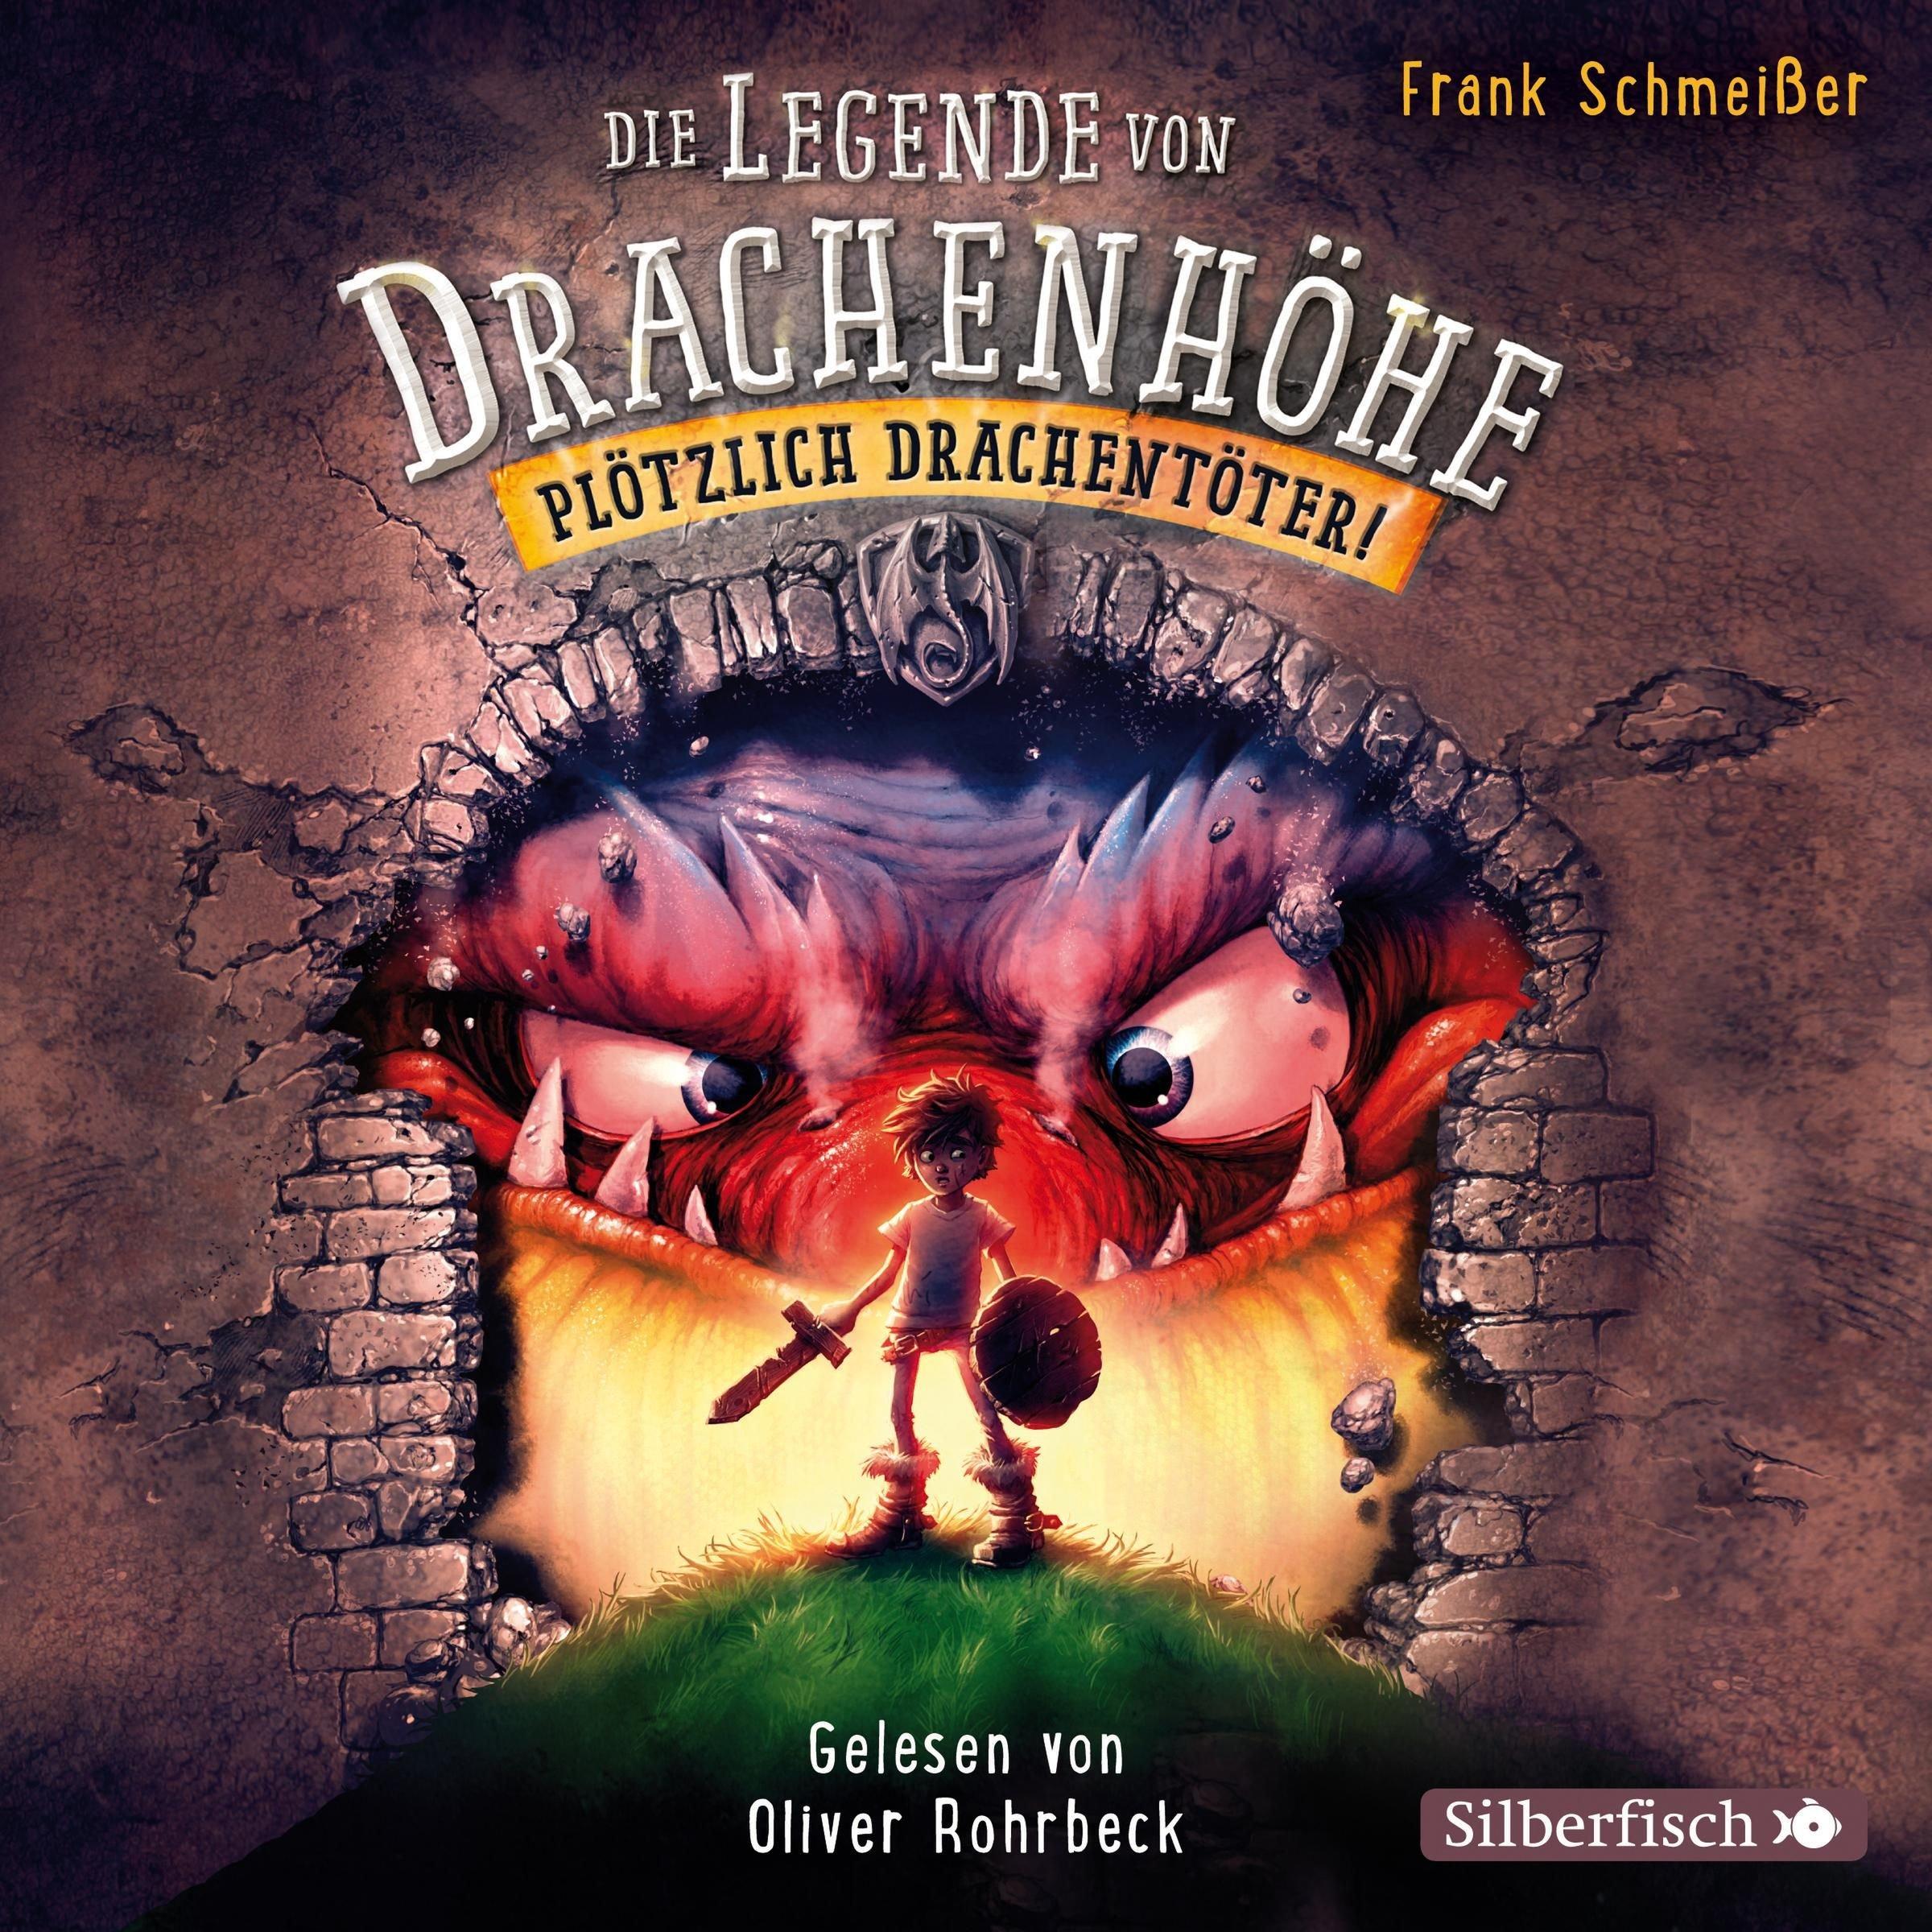 pltzlich-drachentter-3-cds-die-legende-von-drachenhhe-band-1